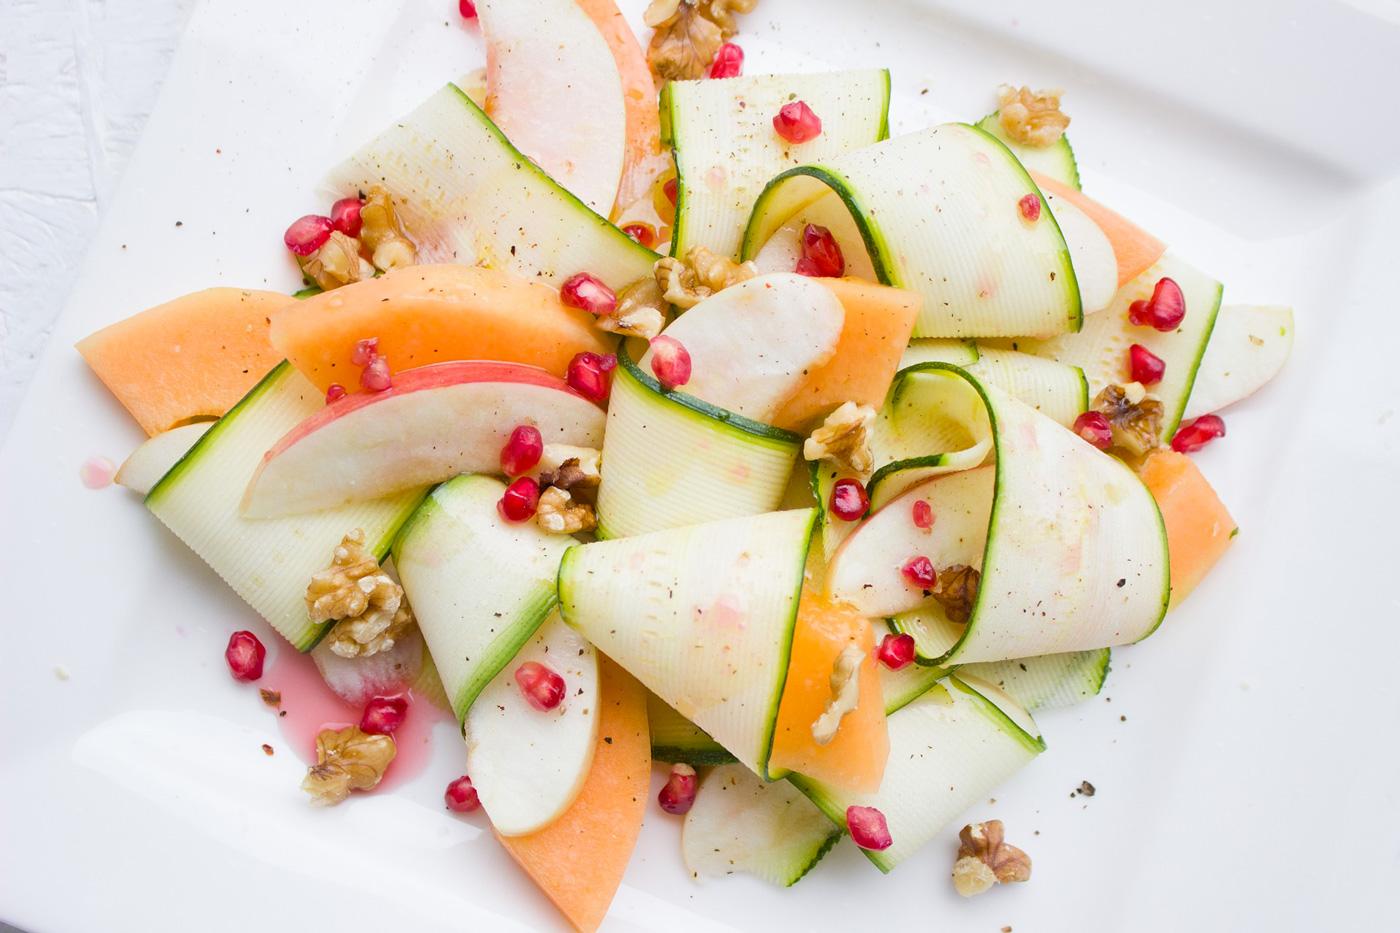 insalata al melone - zucchine e melograno